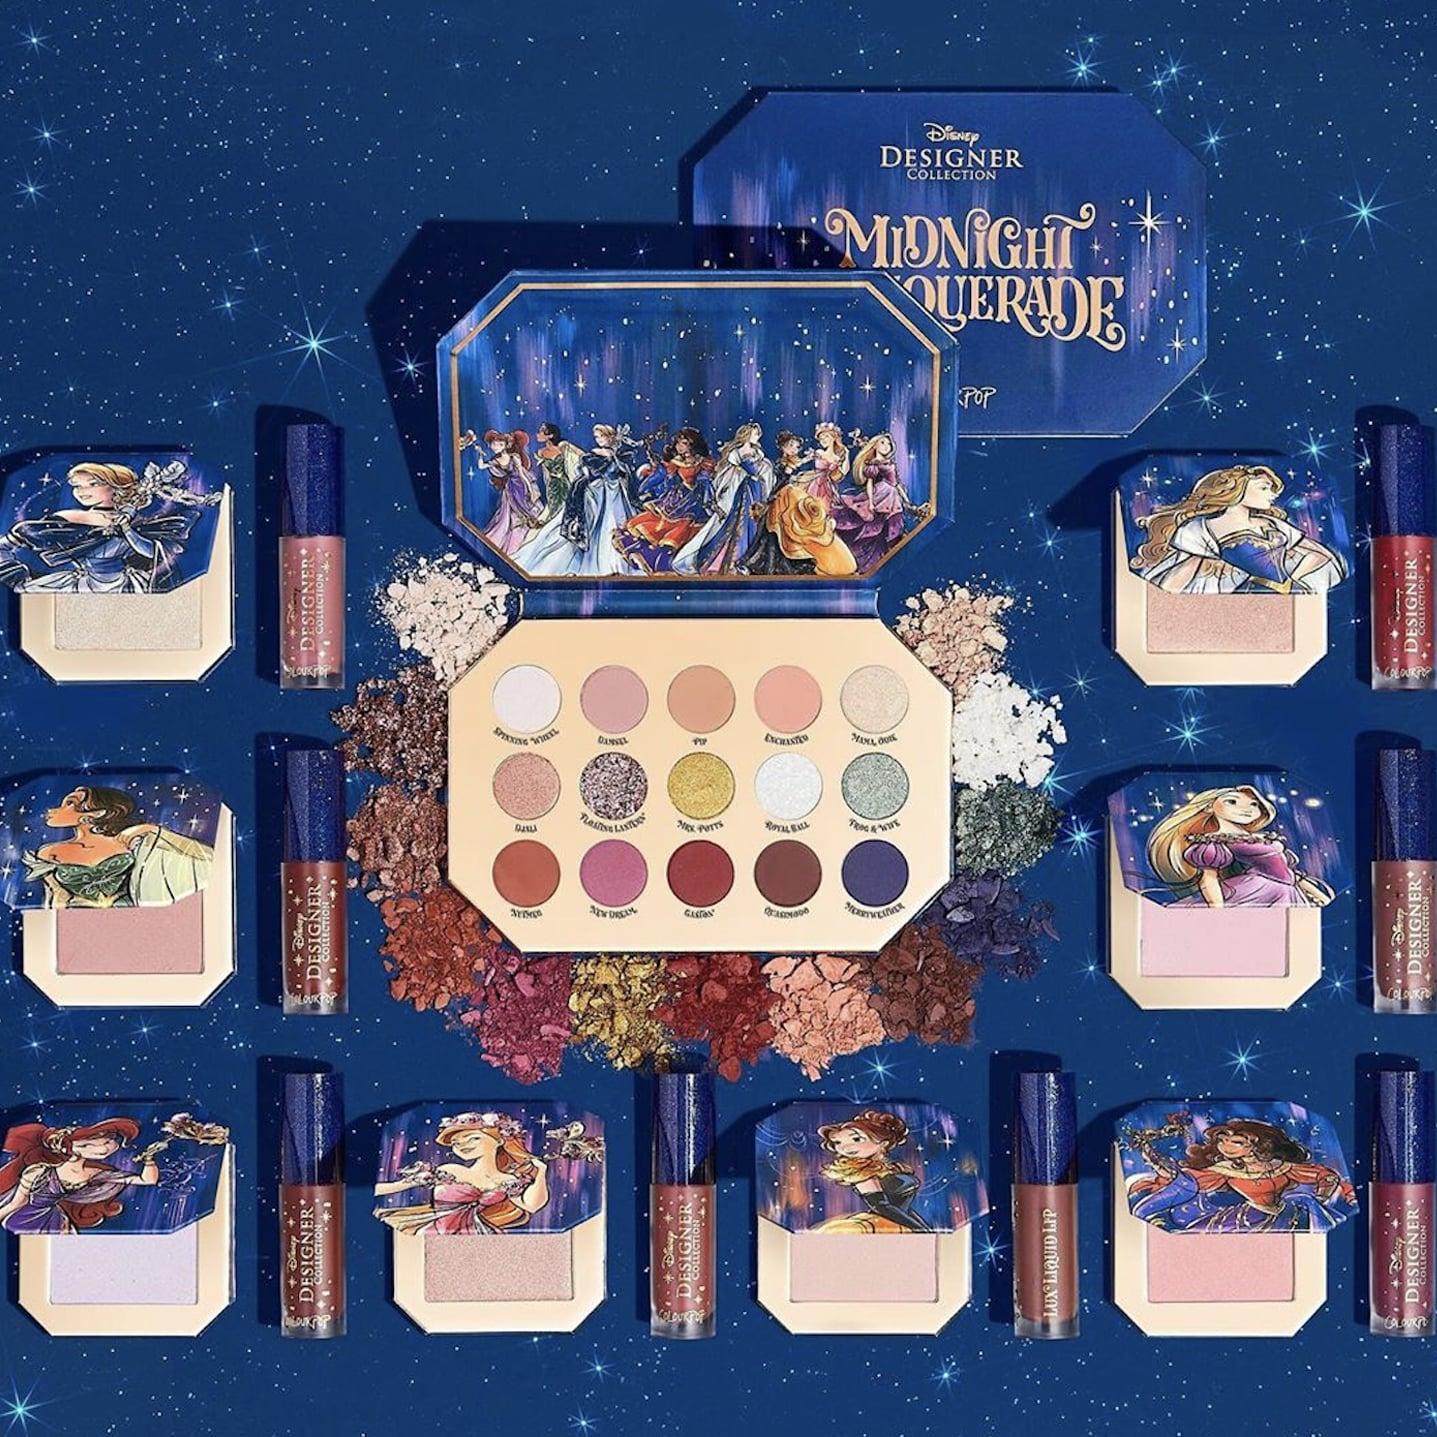 Disney Makeup Palette Christmas 2020 Disney Makeup Collaborations | POPSUGAR Beauty